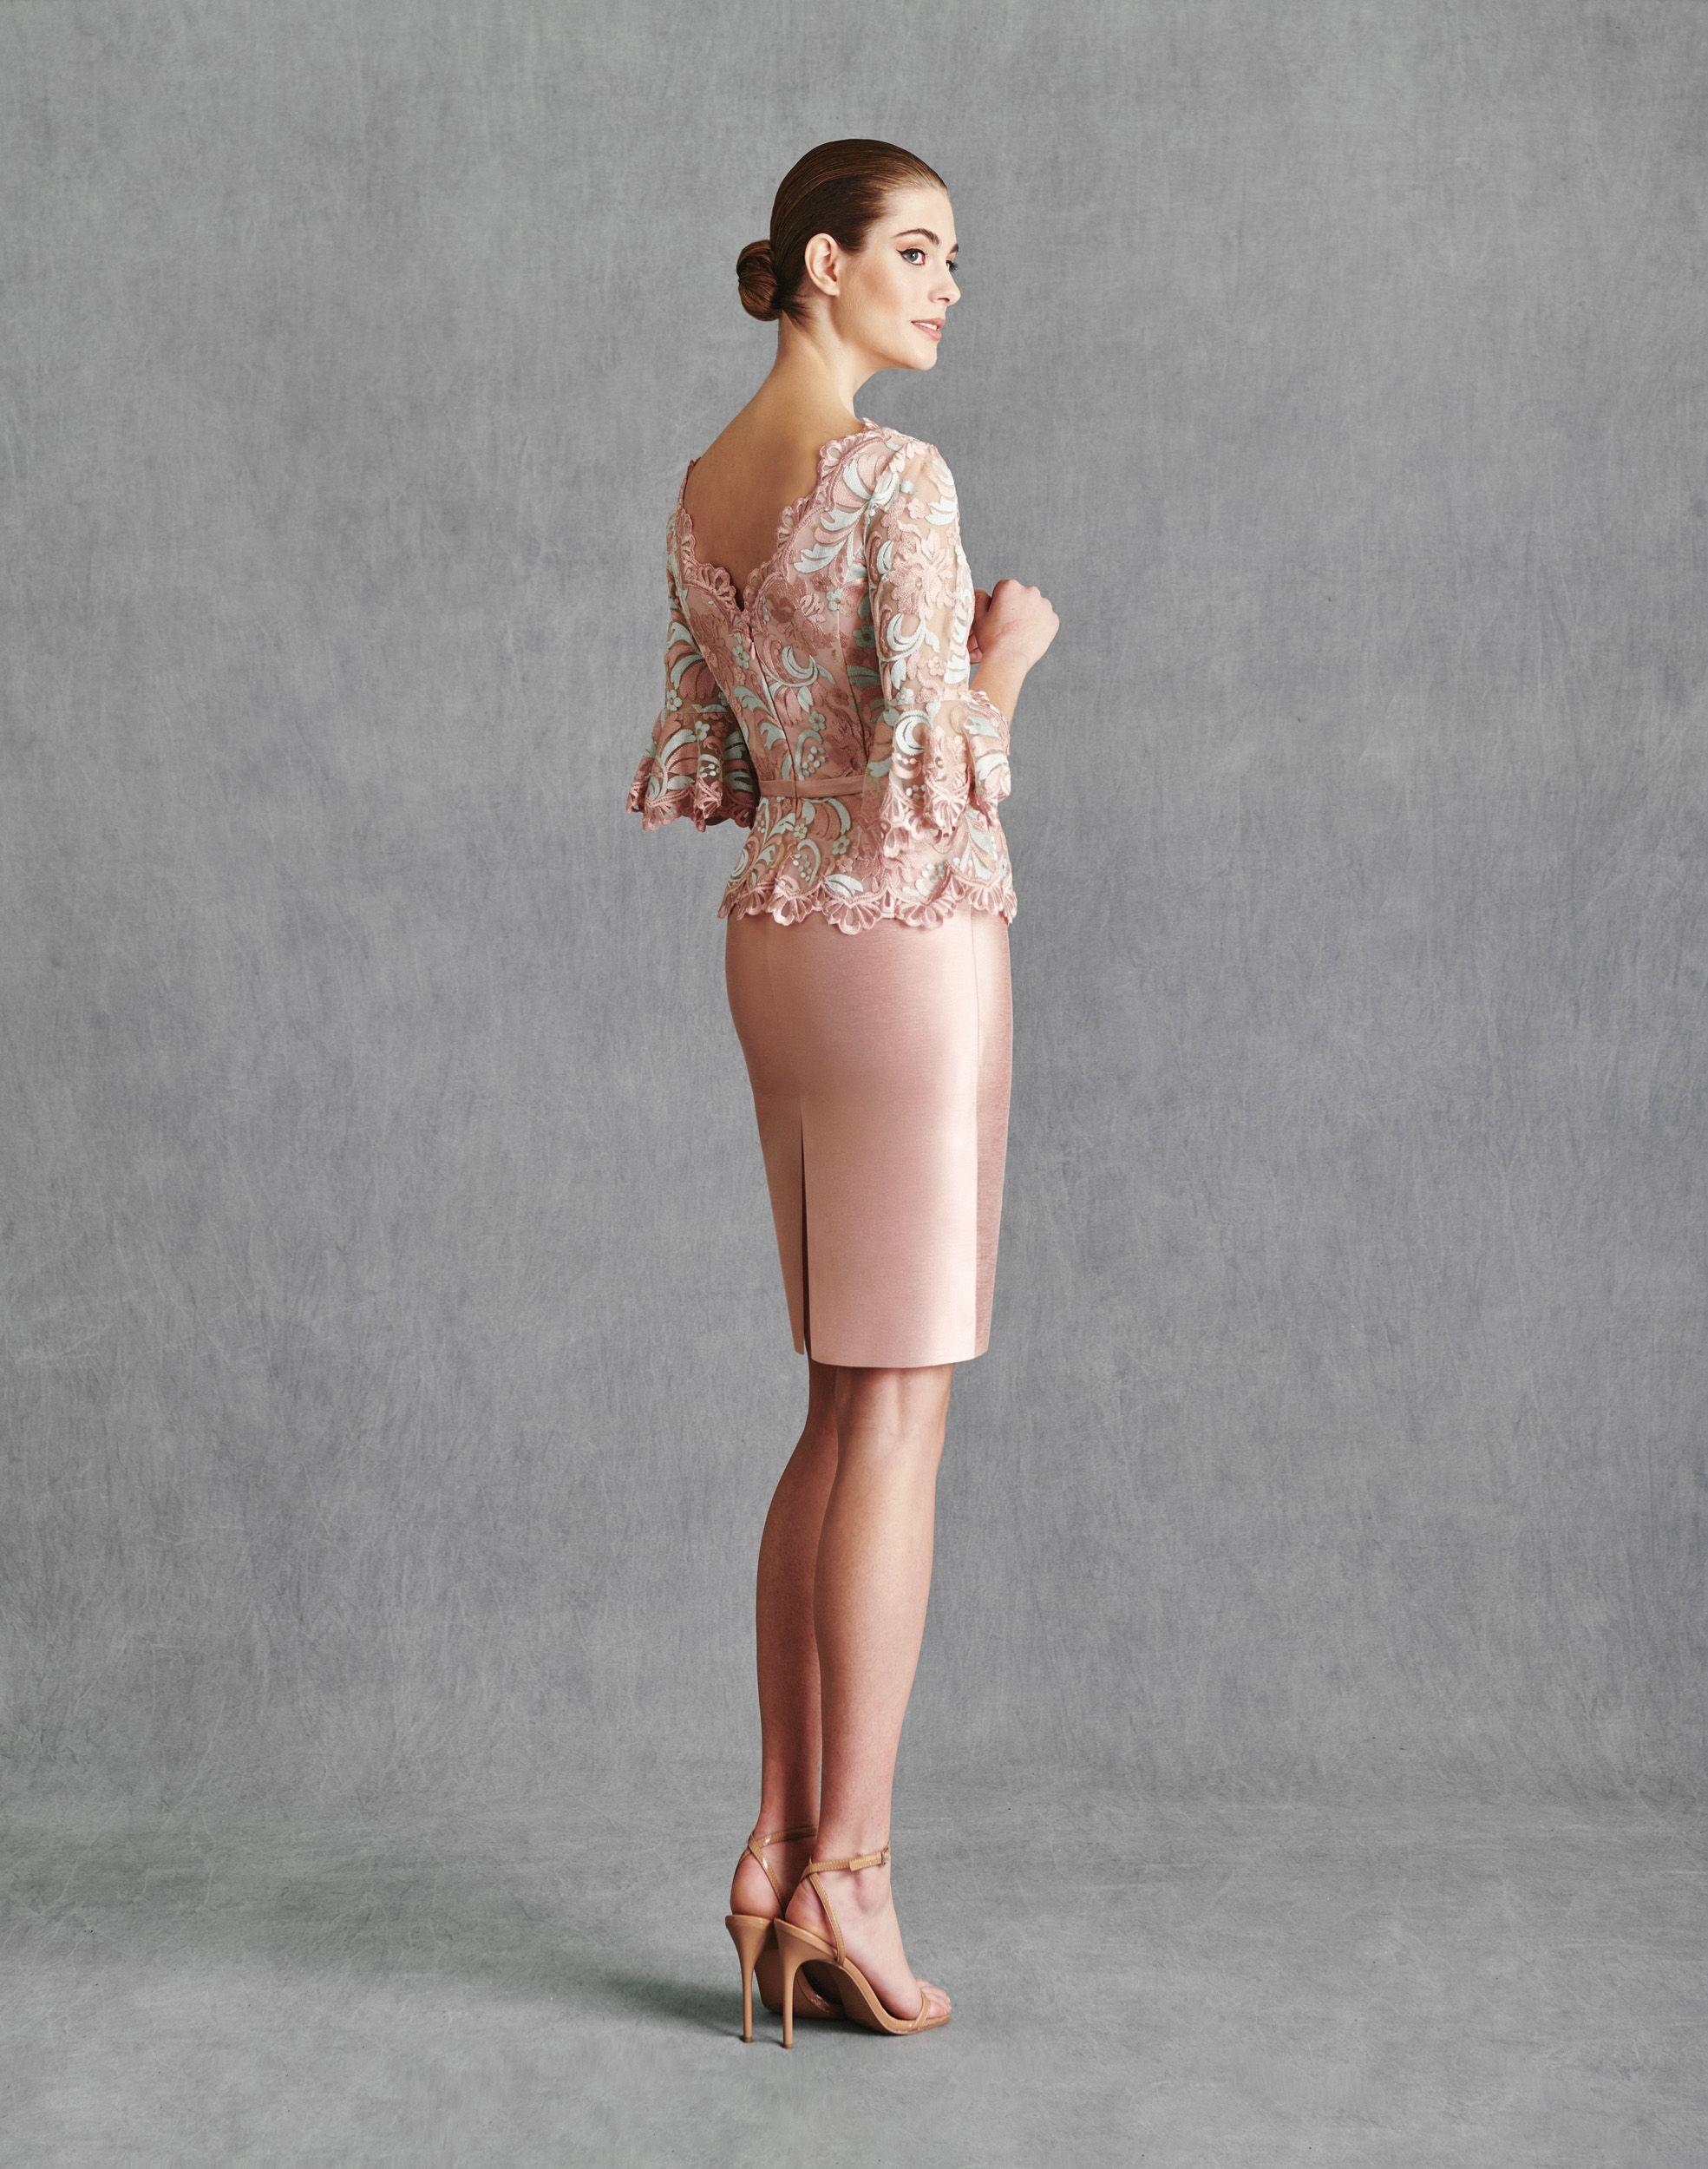 Vestidos de Fiesta 2020 - Silvia Fernandez Atelier - INGRID - detrás